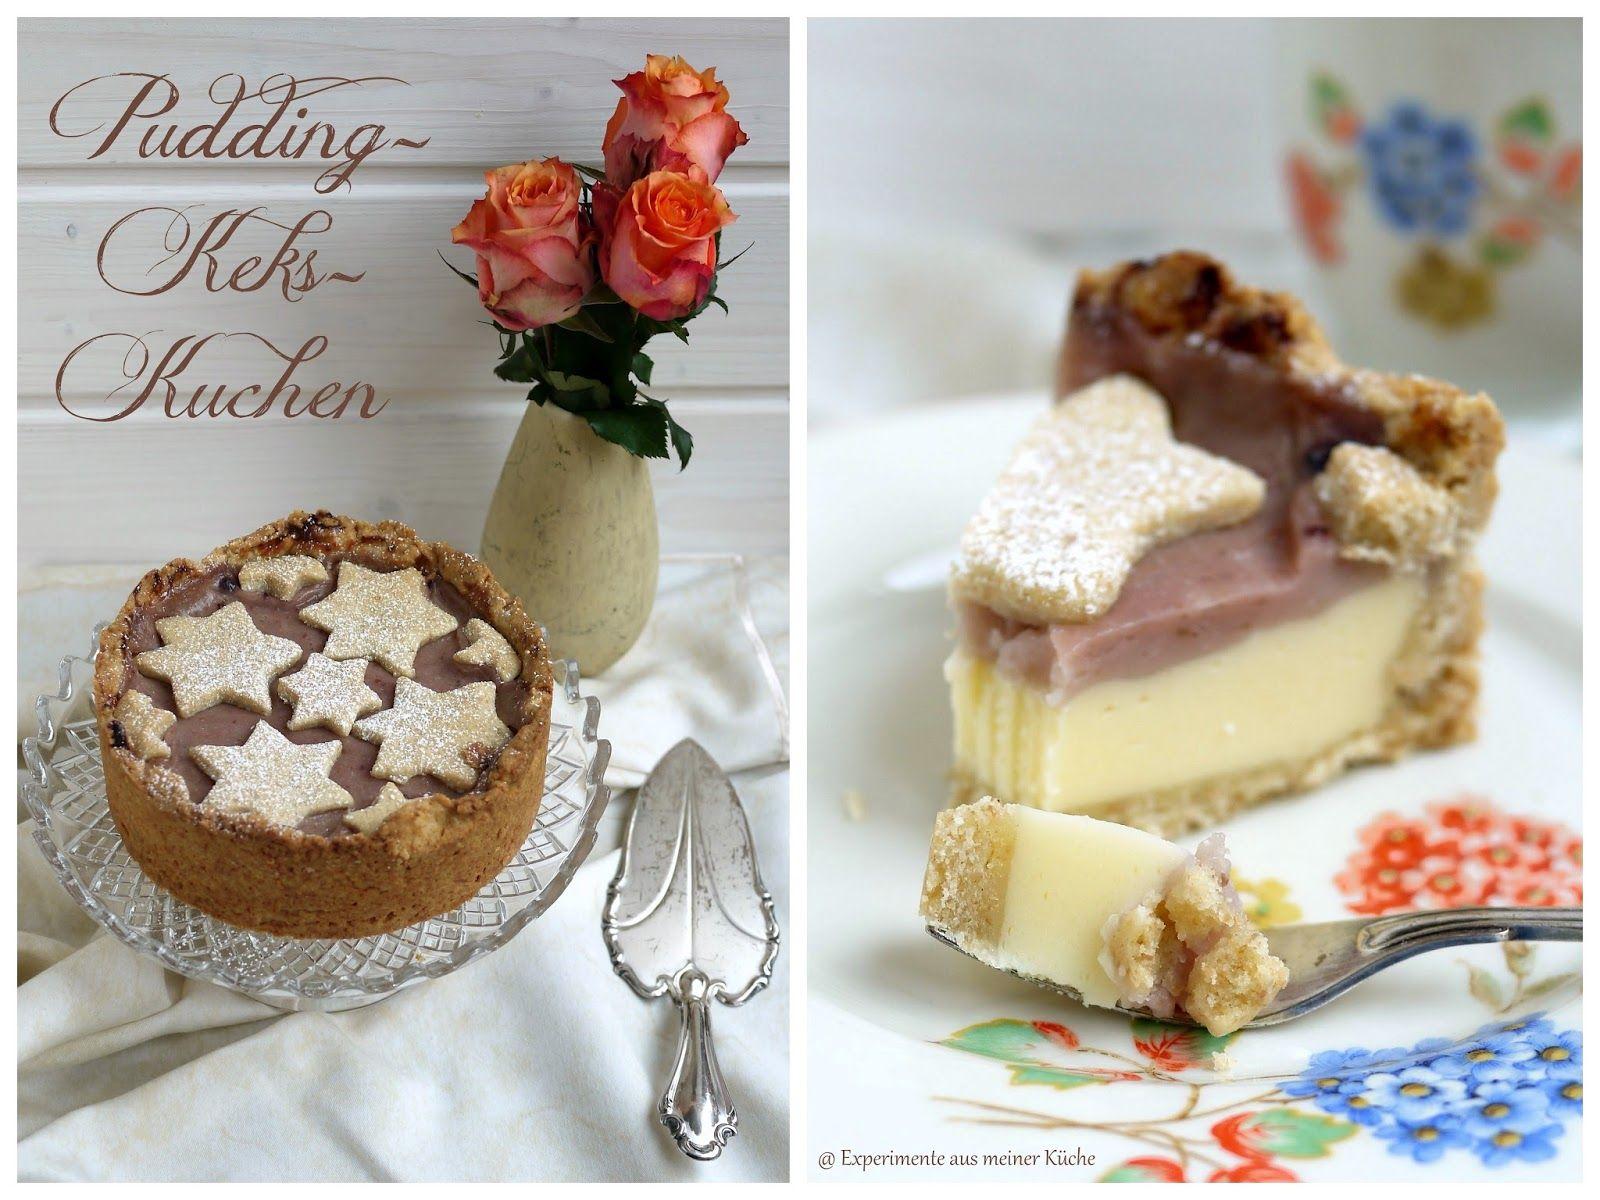 Experimente aus meiner Küche Pudding Keks Kuchen